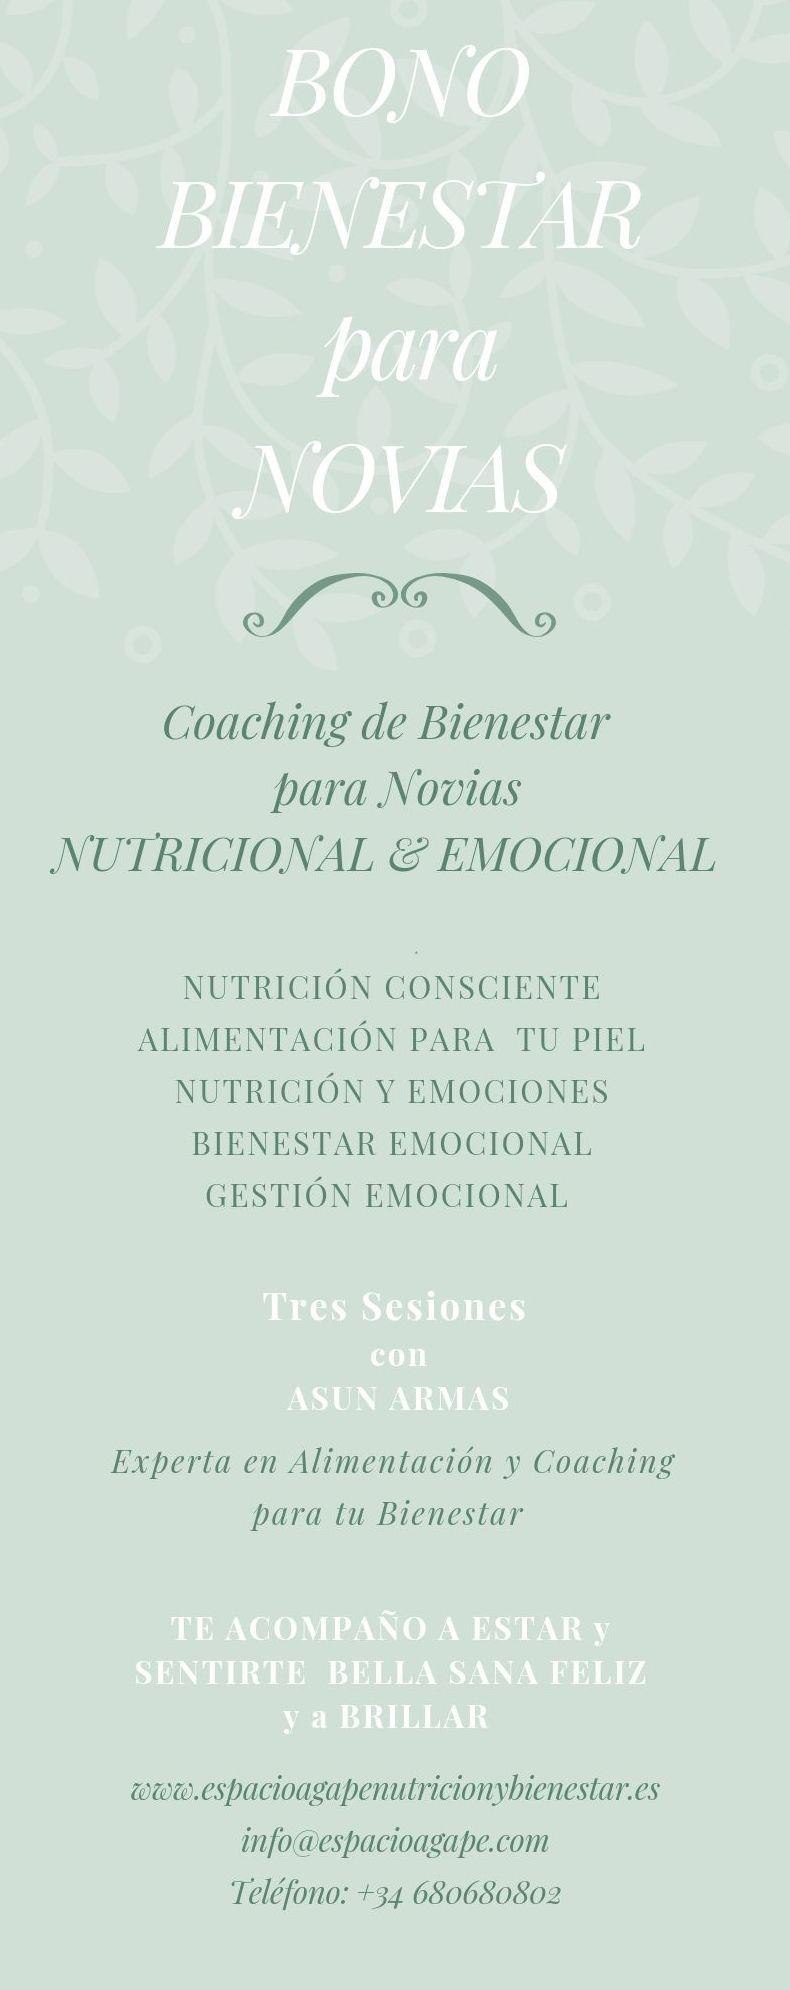 Wedding Coaching. Coaching Nutricional y Emocional para Novias Conscientes